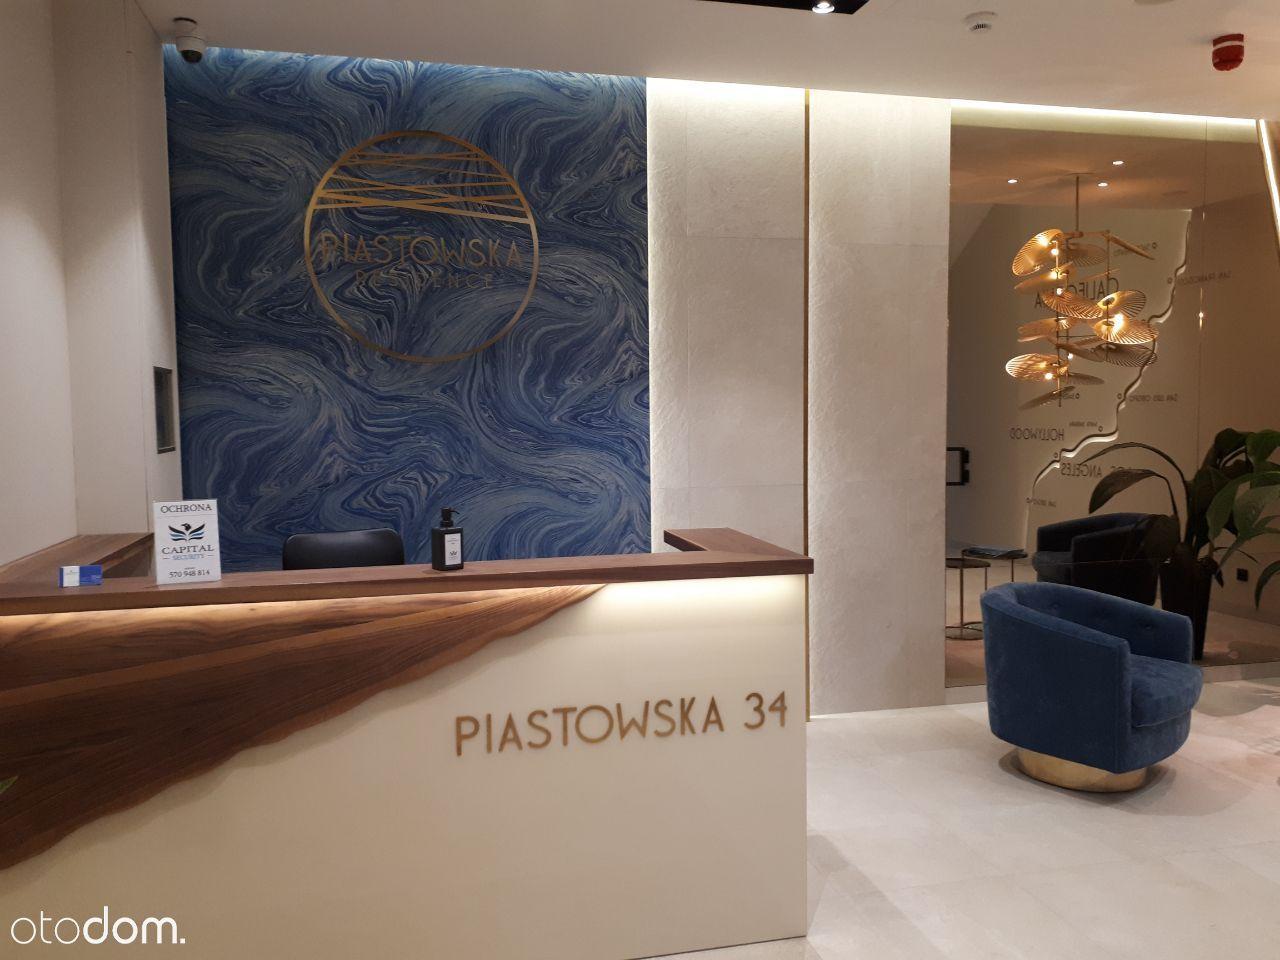 Nowe mieszkanie Piastowska 34 - umeblowane